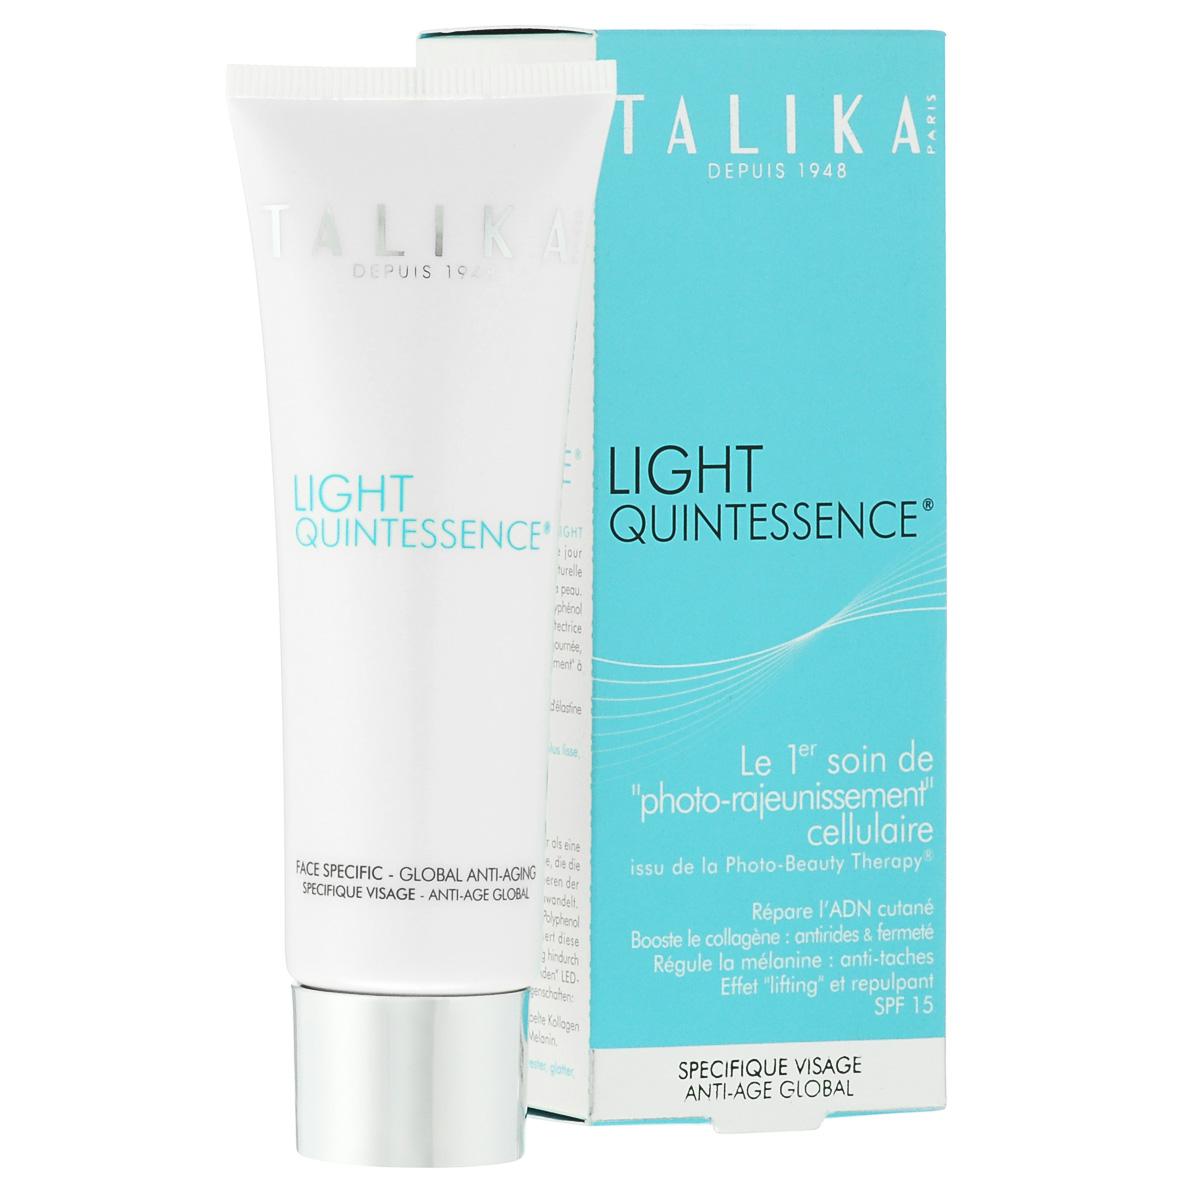 Talika Дневной крем для лица, антивозрастной, 30 млZ-21Дневной антивозрастной крем для лица борется с морщинами. Выравнивает цвет лица и наполняет кожу энергией. Мгновенно увлажняет кожу и повышает её плотность. Защищает от вредного воздействия УФ лучей. Наносить утром на безупречно очищенную кожу лица, шеи и области декольте. Рекомендуется использование поверх сыворотки.